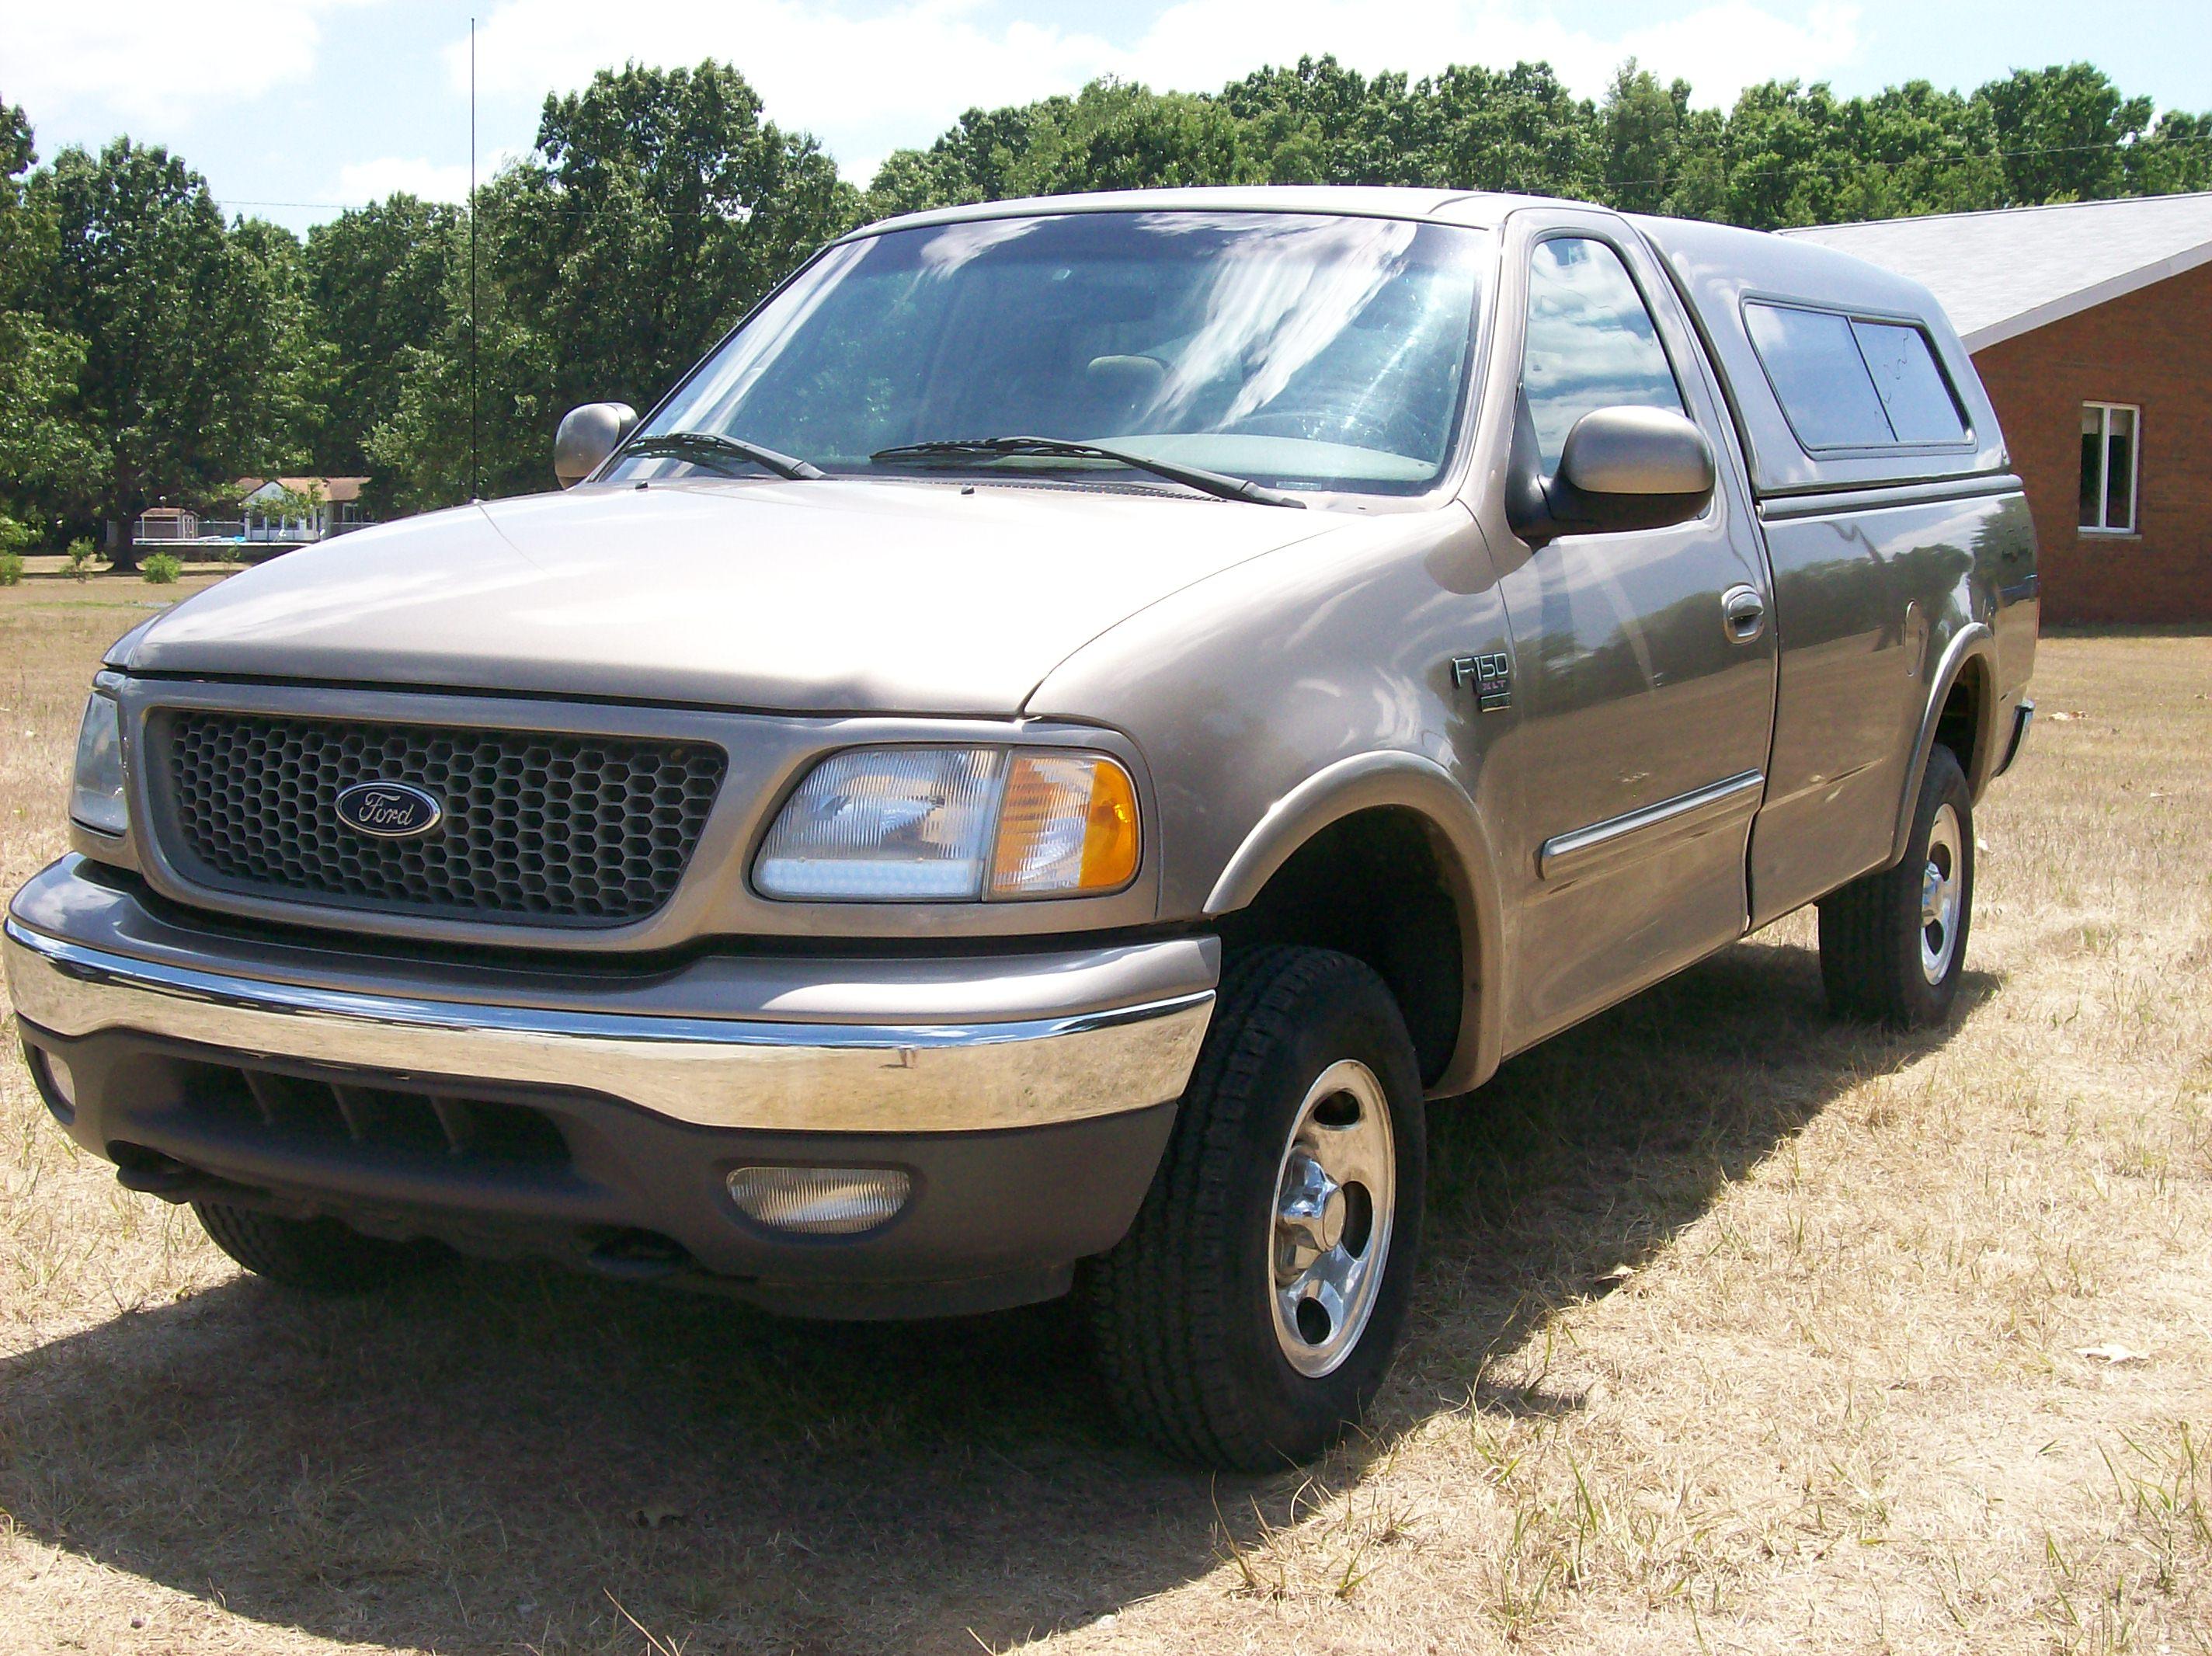 2001 Ford F150 BHPH Fair Market Value